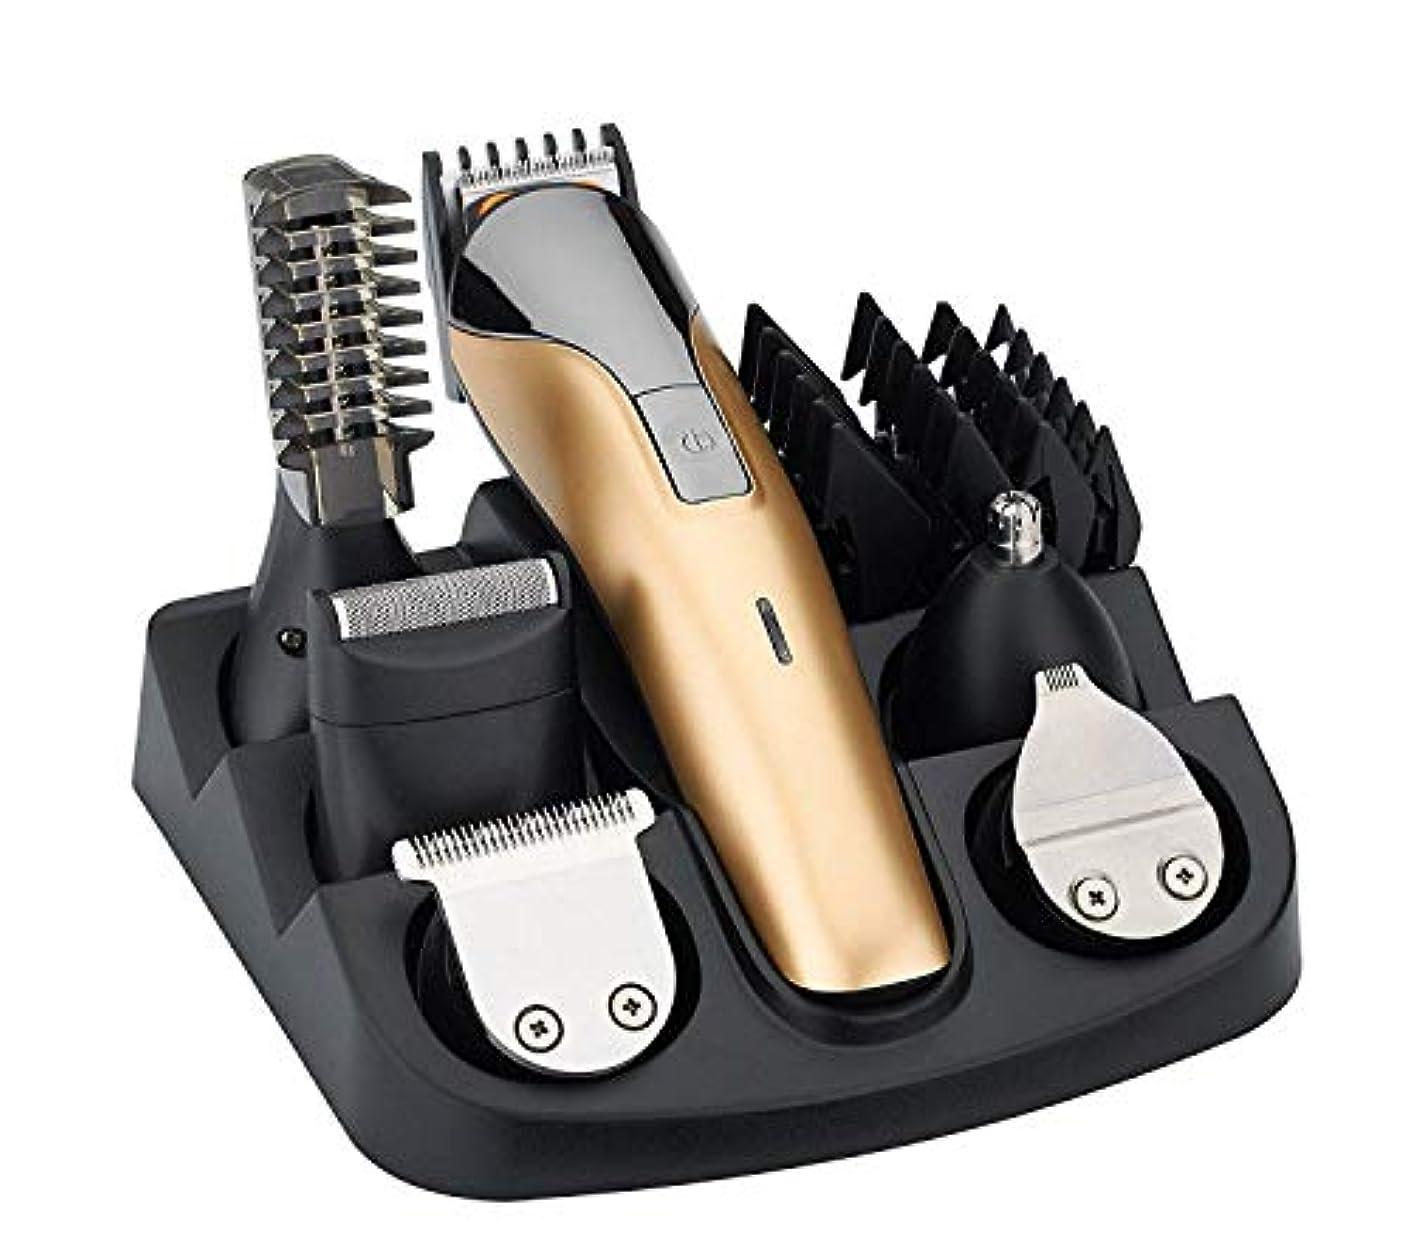 申請者援助お願いしますバリカン男性電気かみそりのひげのトリマー、かみそりの鼻の盲目の角度のトリマーの美容師セット多機能電気バリカンバリカン